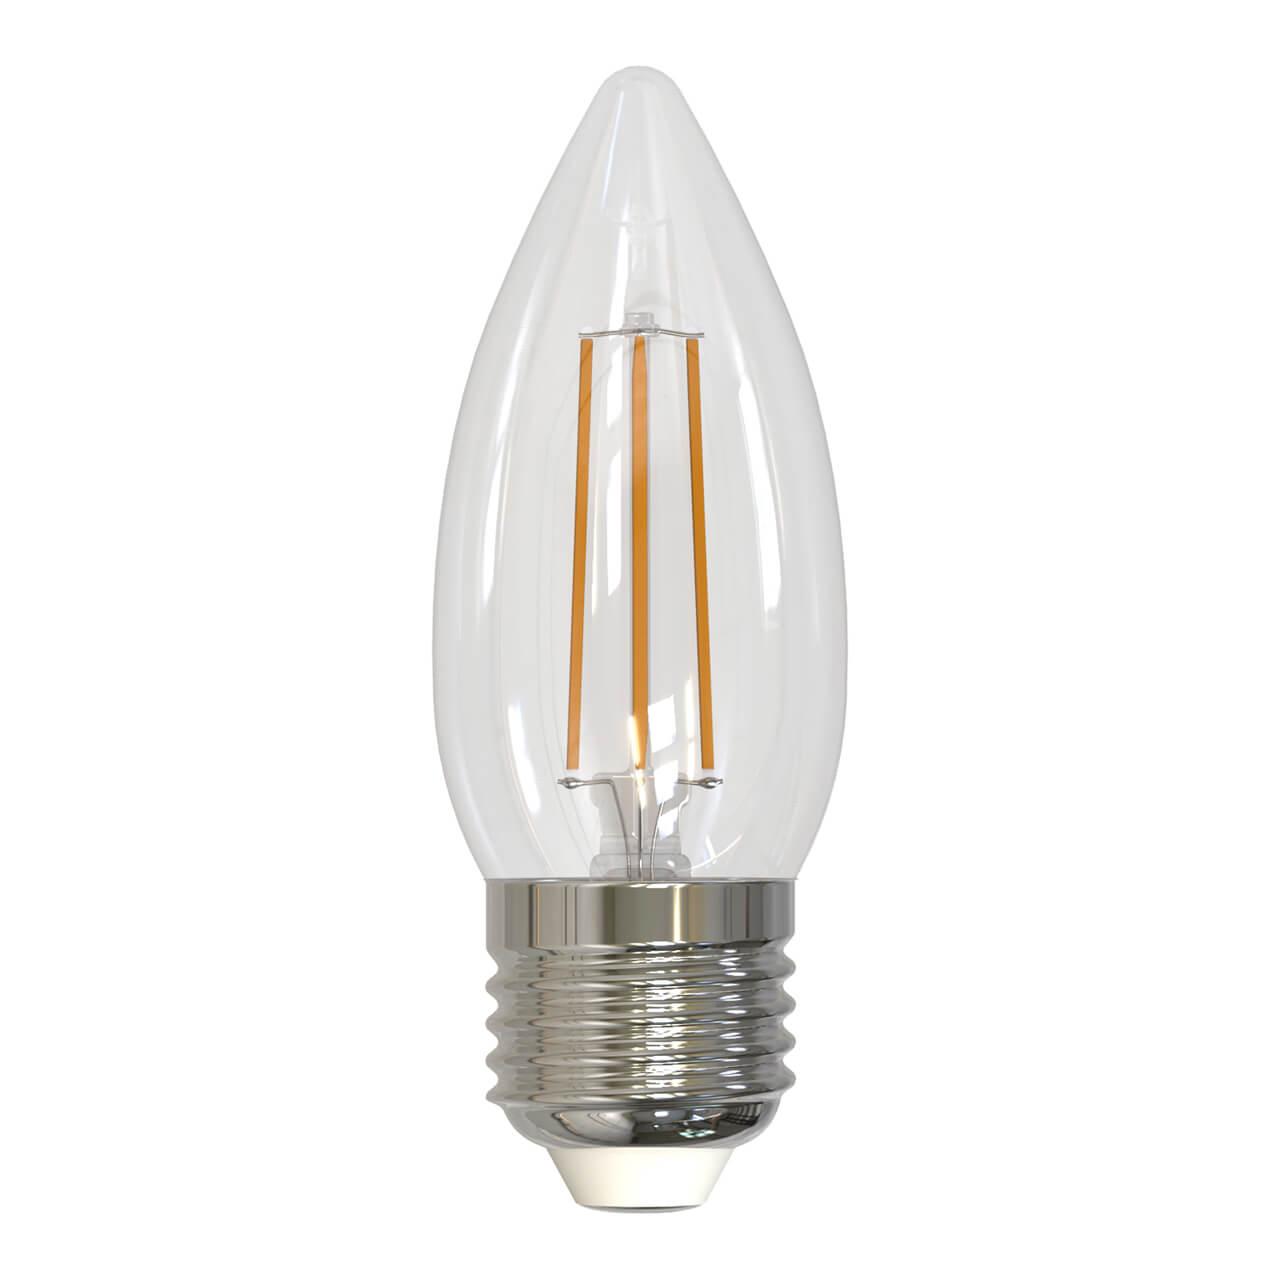 цена на Лампа светодиодная диммируемая (UL-00005188) E27 9W 4000K прозрачная LED-C35-9W/4000K/E27/CL/DIM GLA01TR